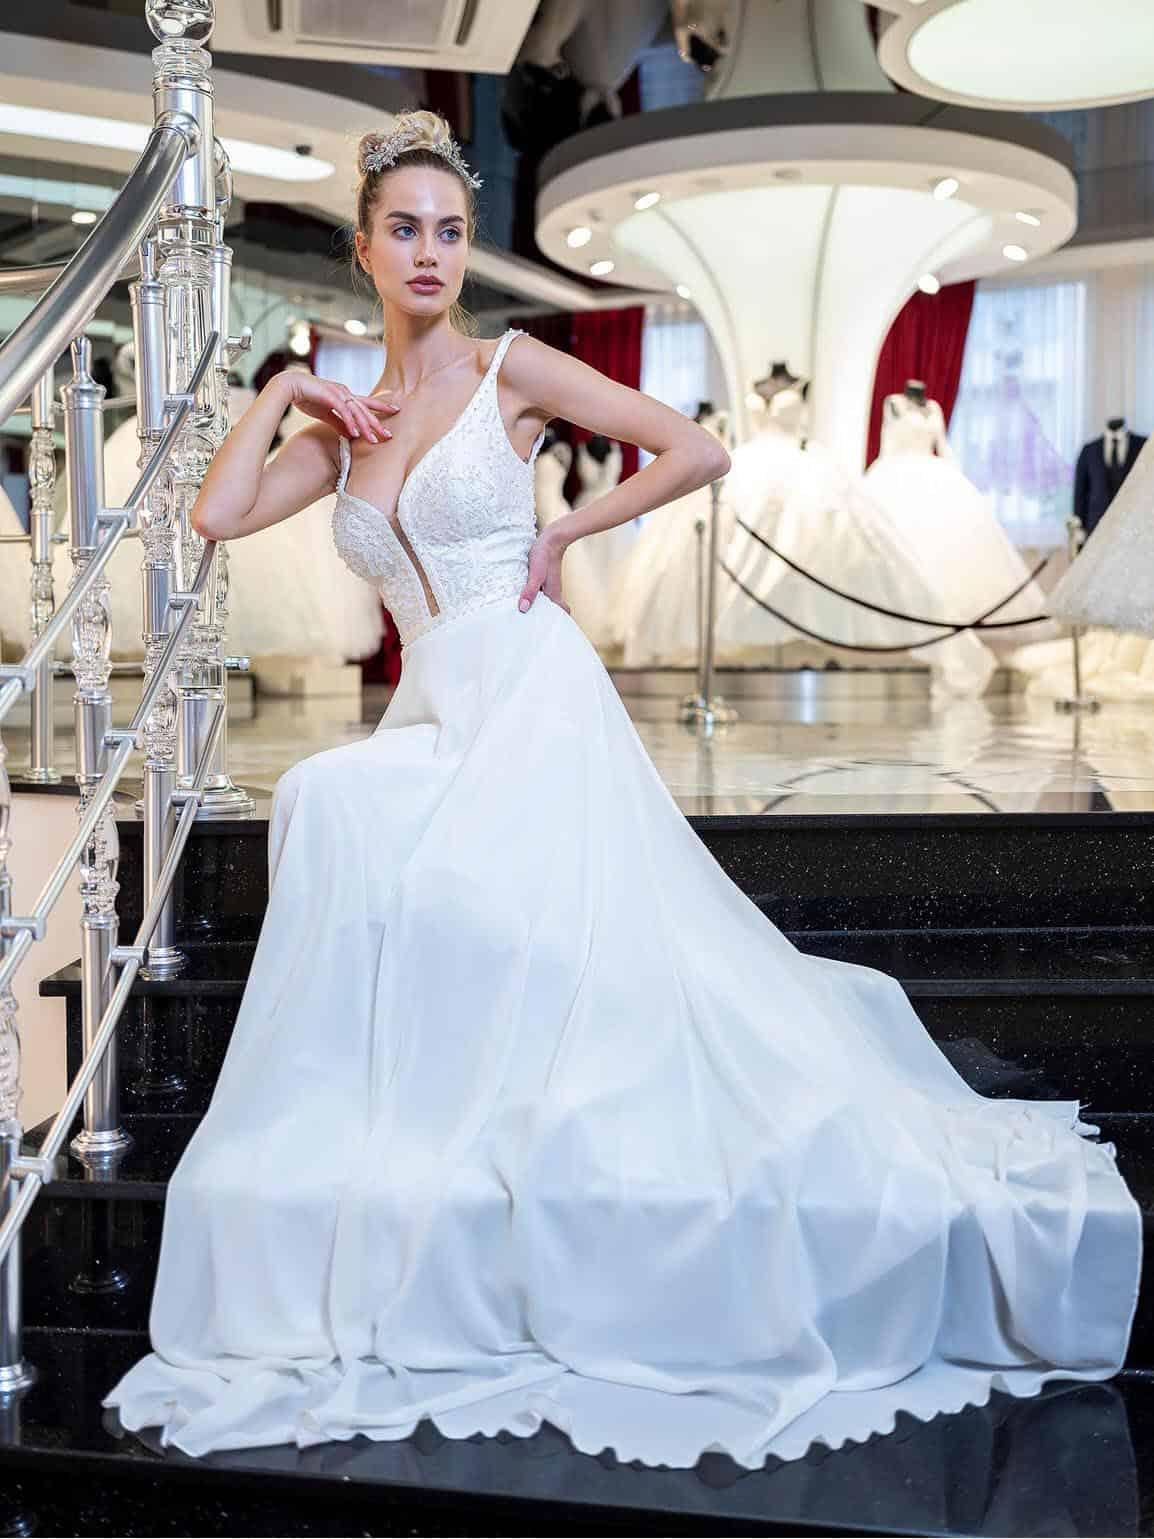 Brautkleider in Duisburg kaufen | Hochzeitsmode